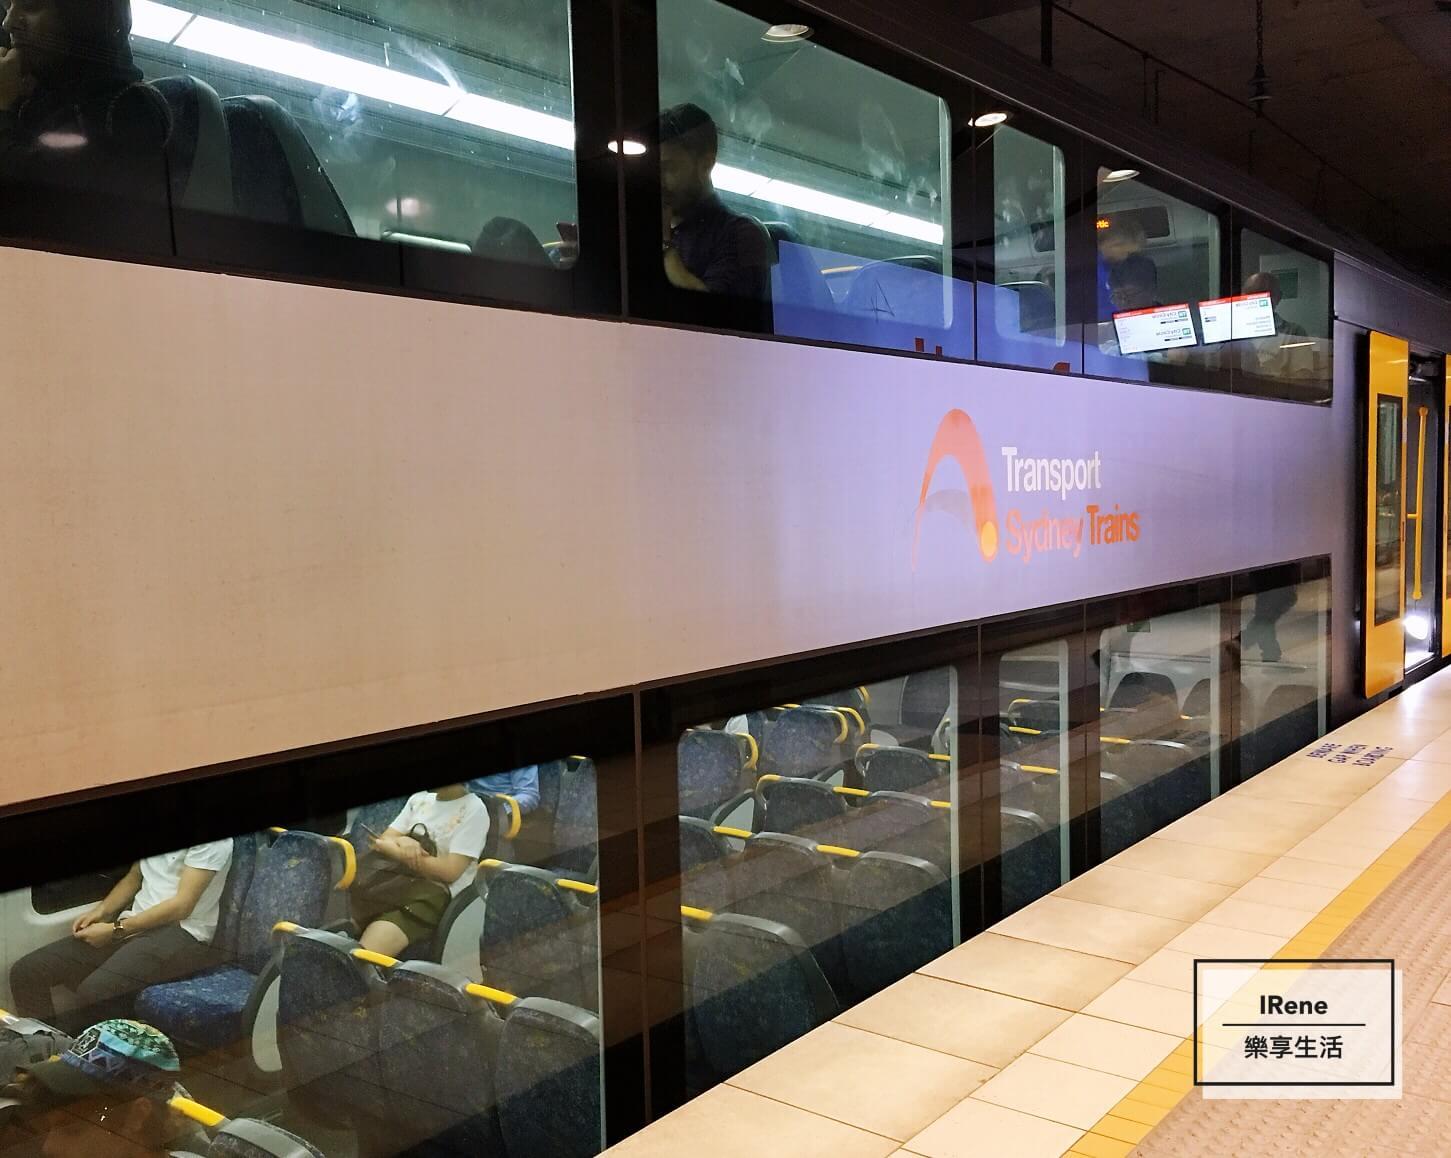 雪梨機場線 Sydney Airport Train